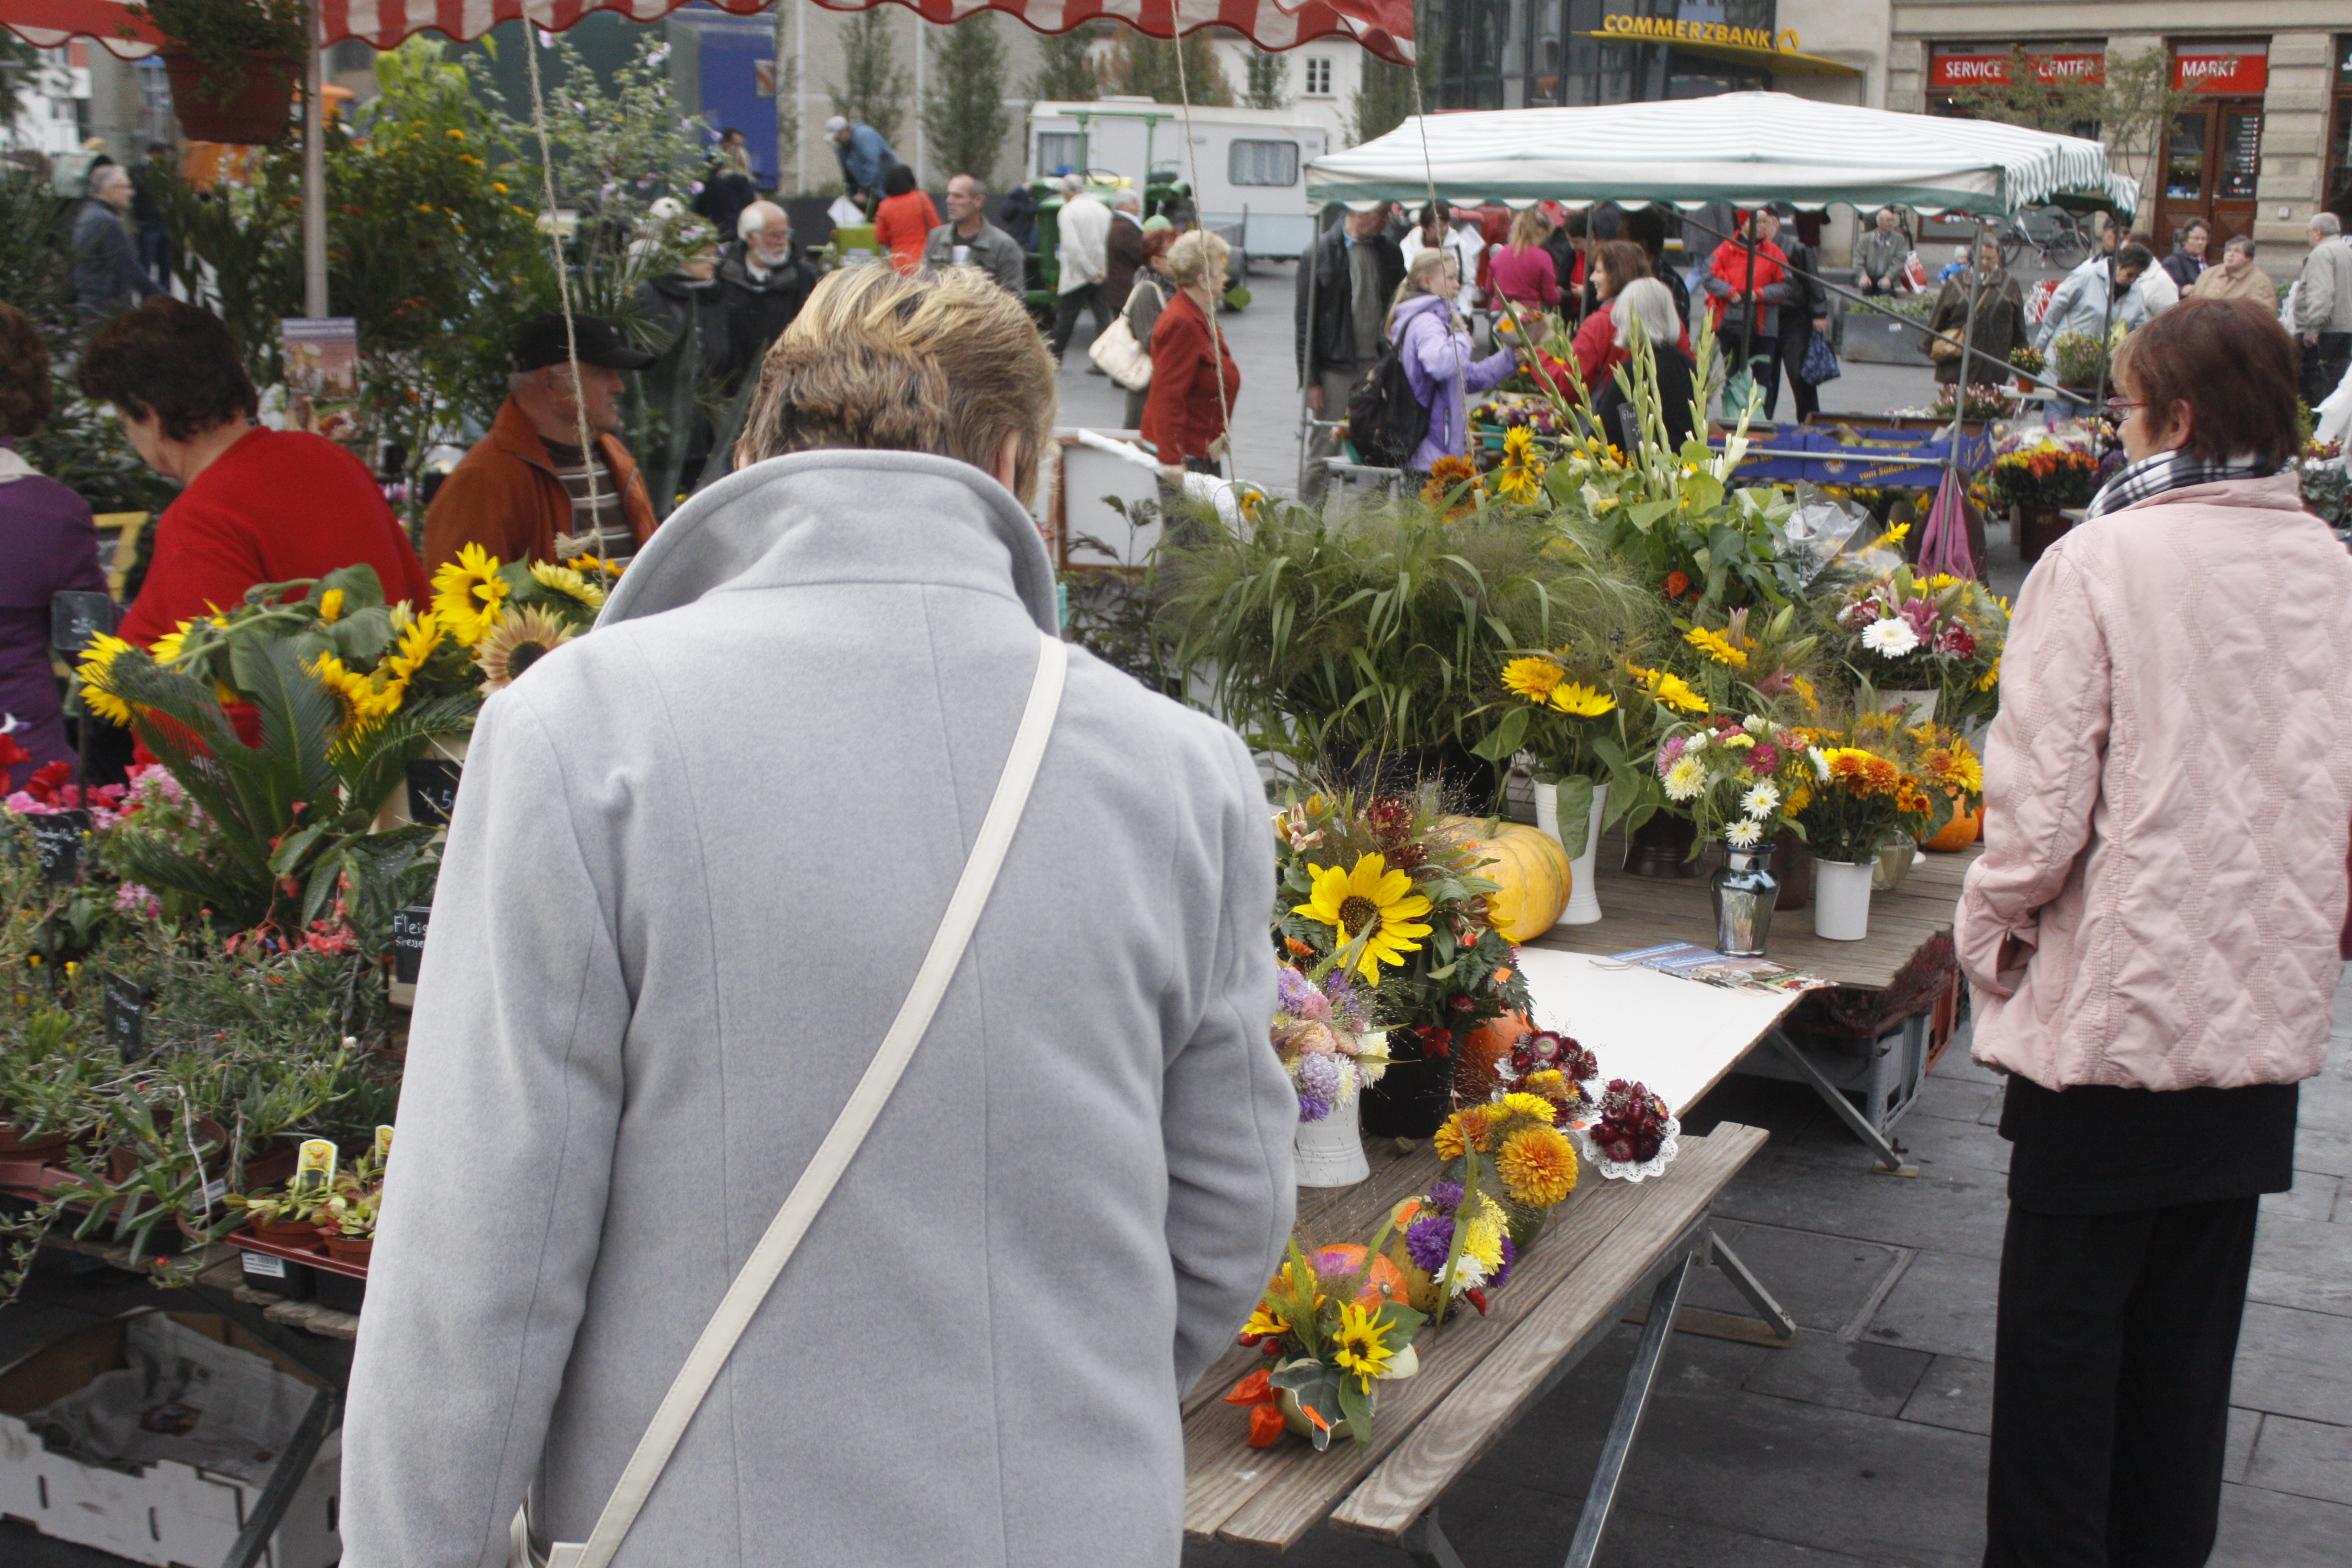 Erntedank-Bauernmarkt: Schmackhaftes aus der Region - HalleSpektrum ...